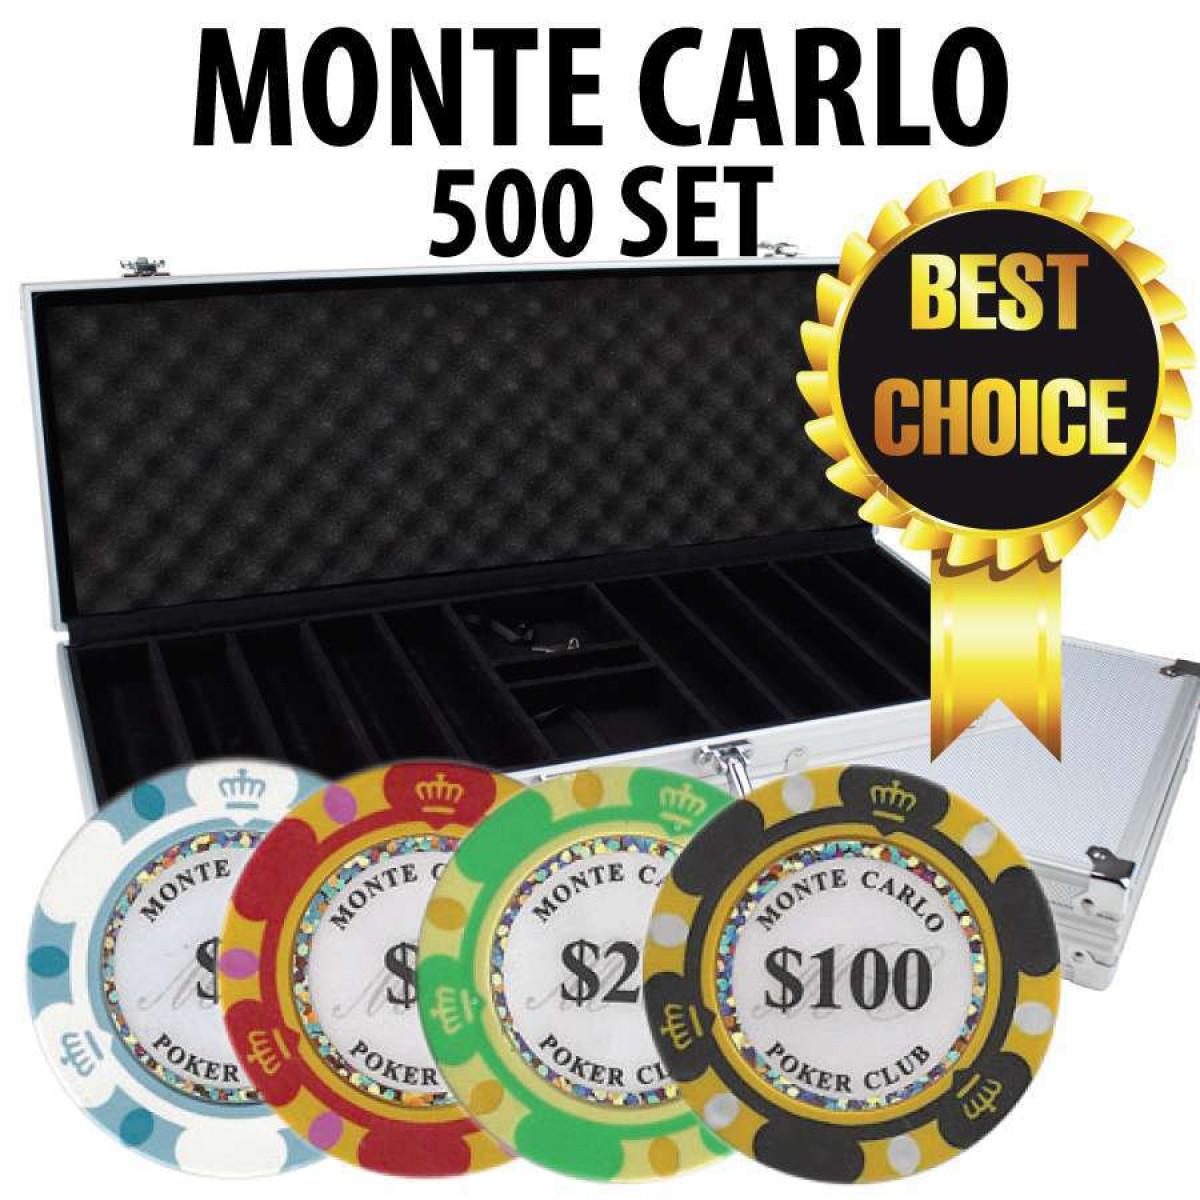 Monte carlo casino chips clubplayercasino